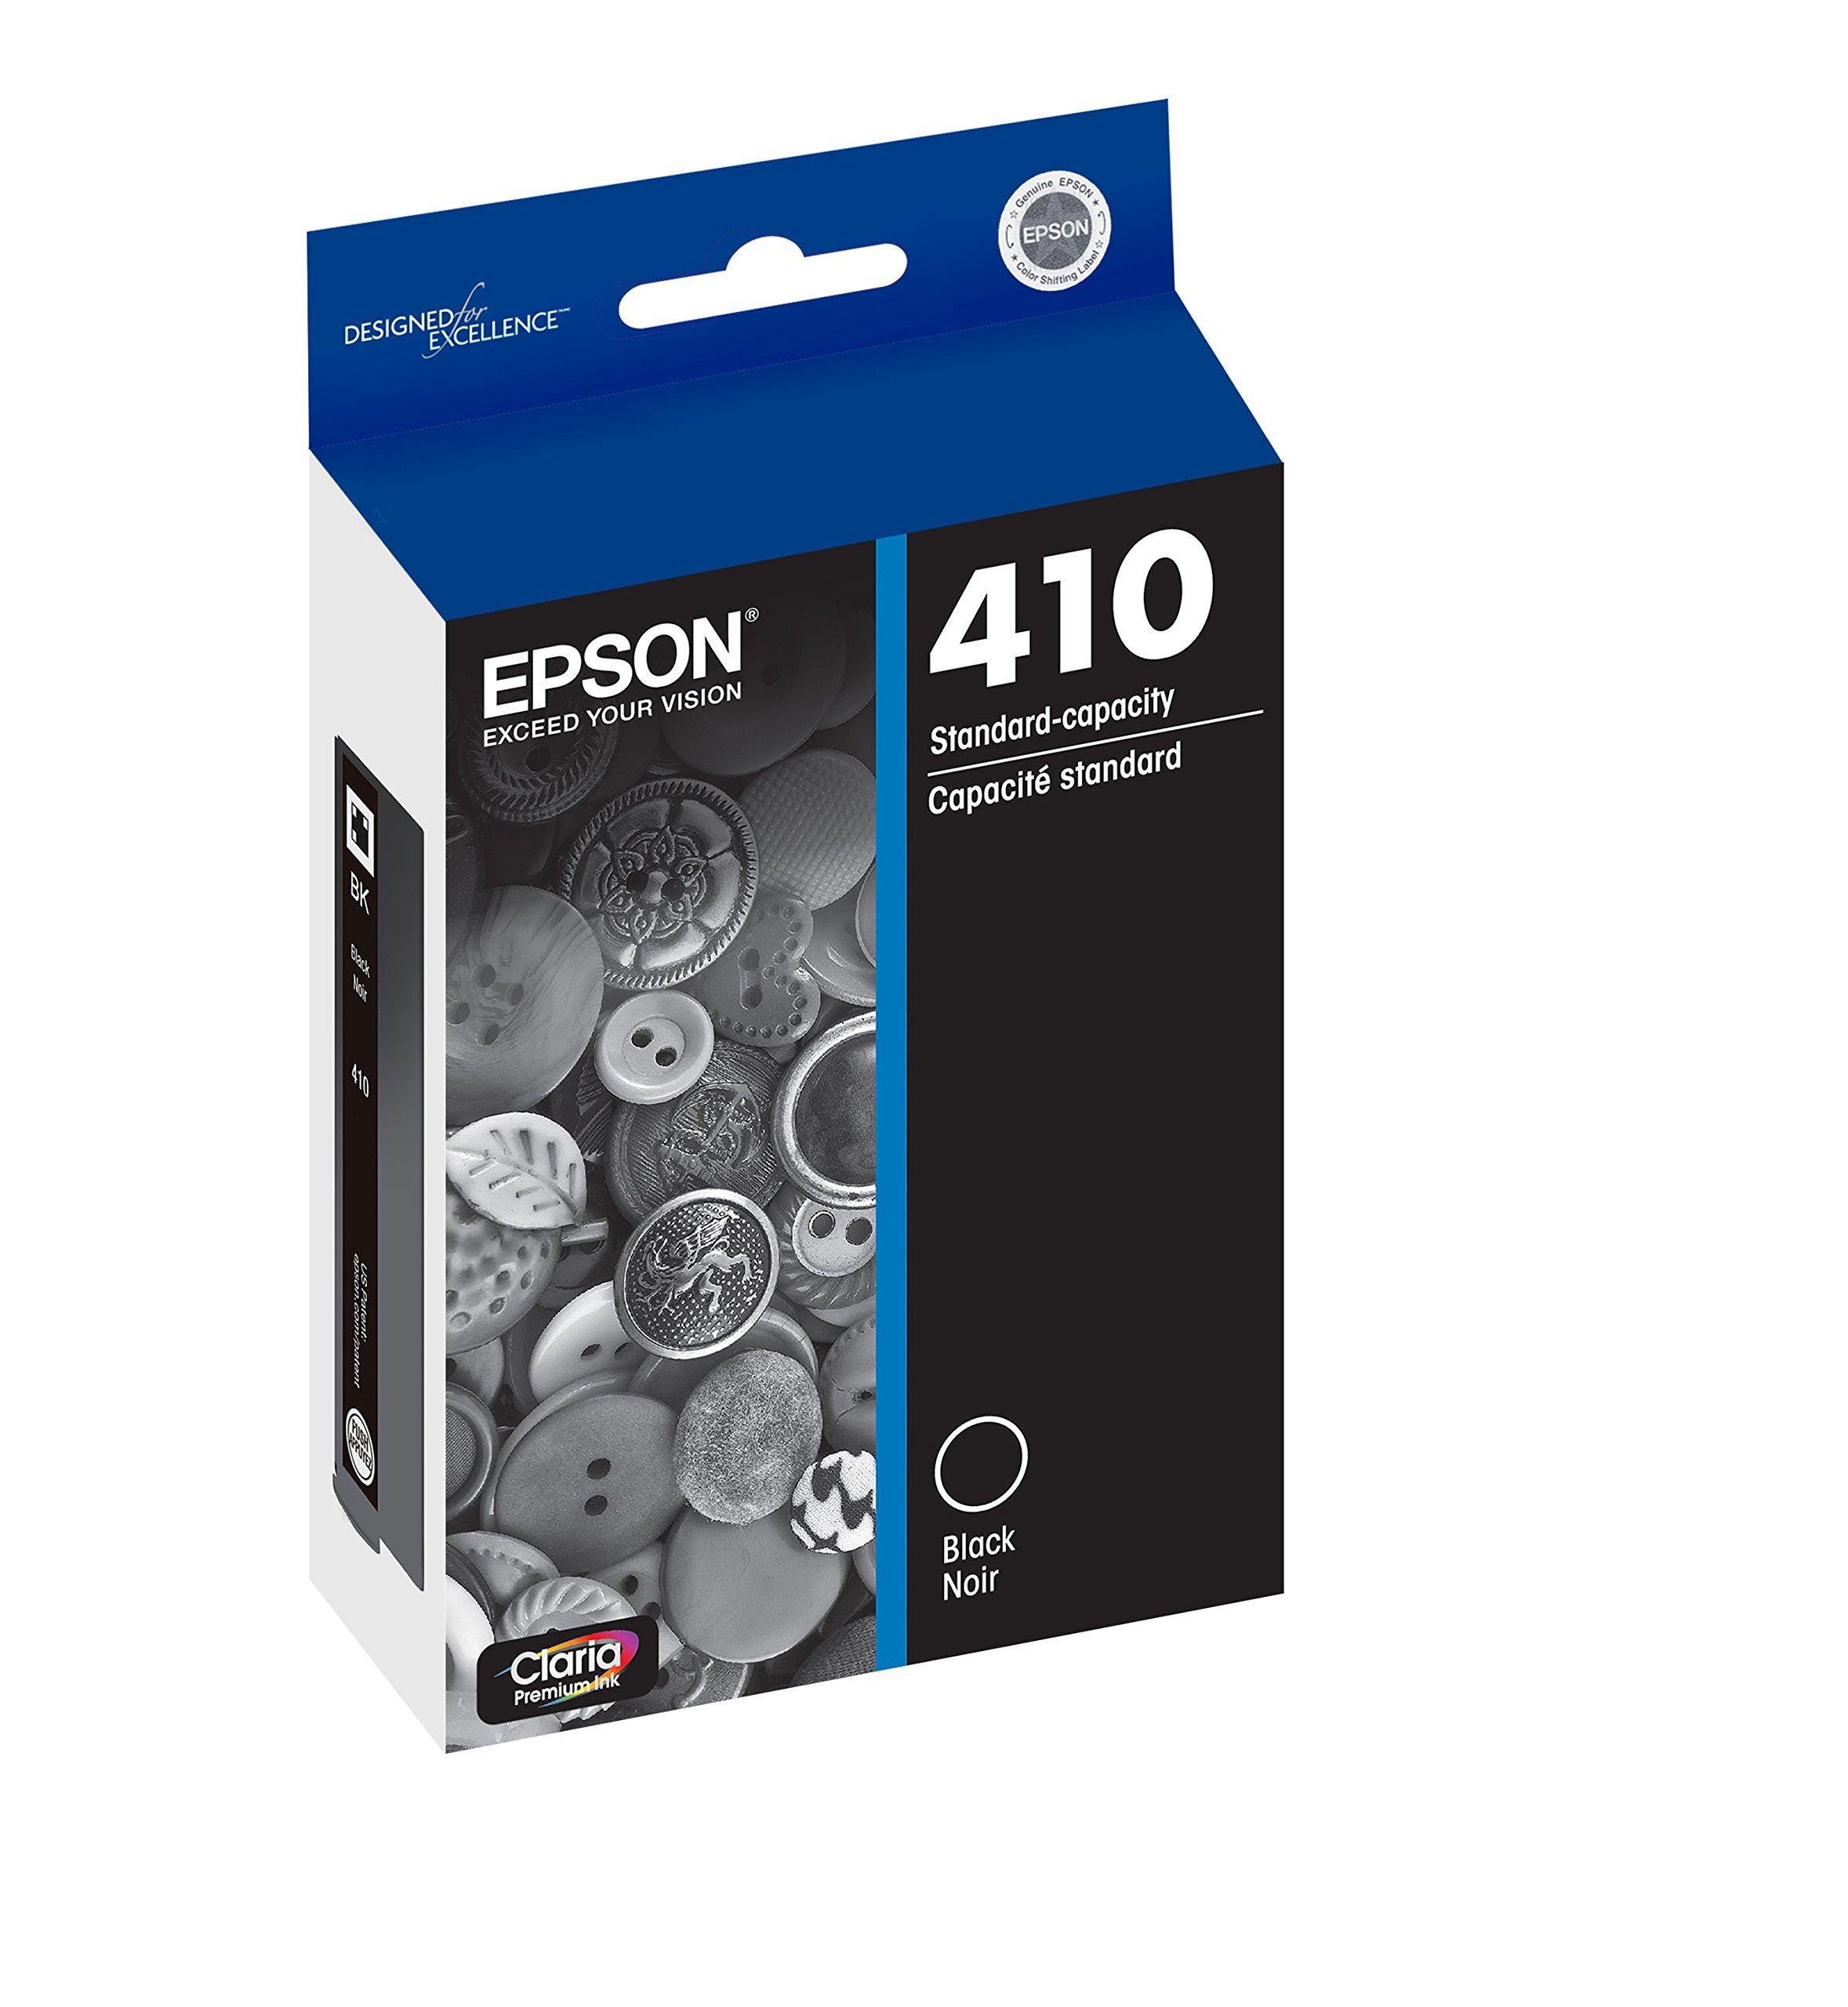 Epson 410 Ink Cartridge, Black by Epson (Image #2)